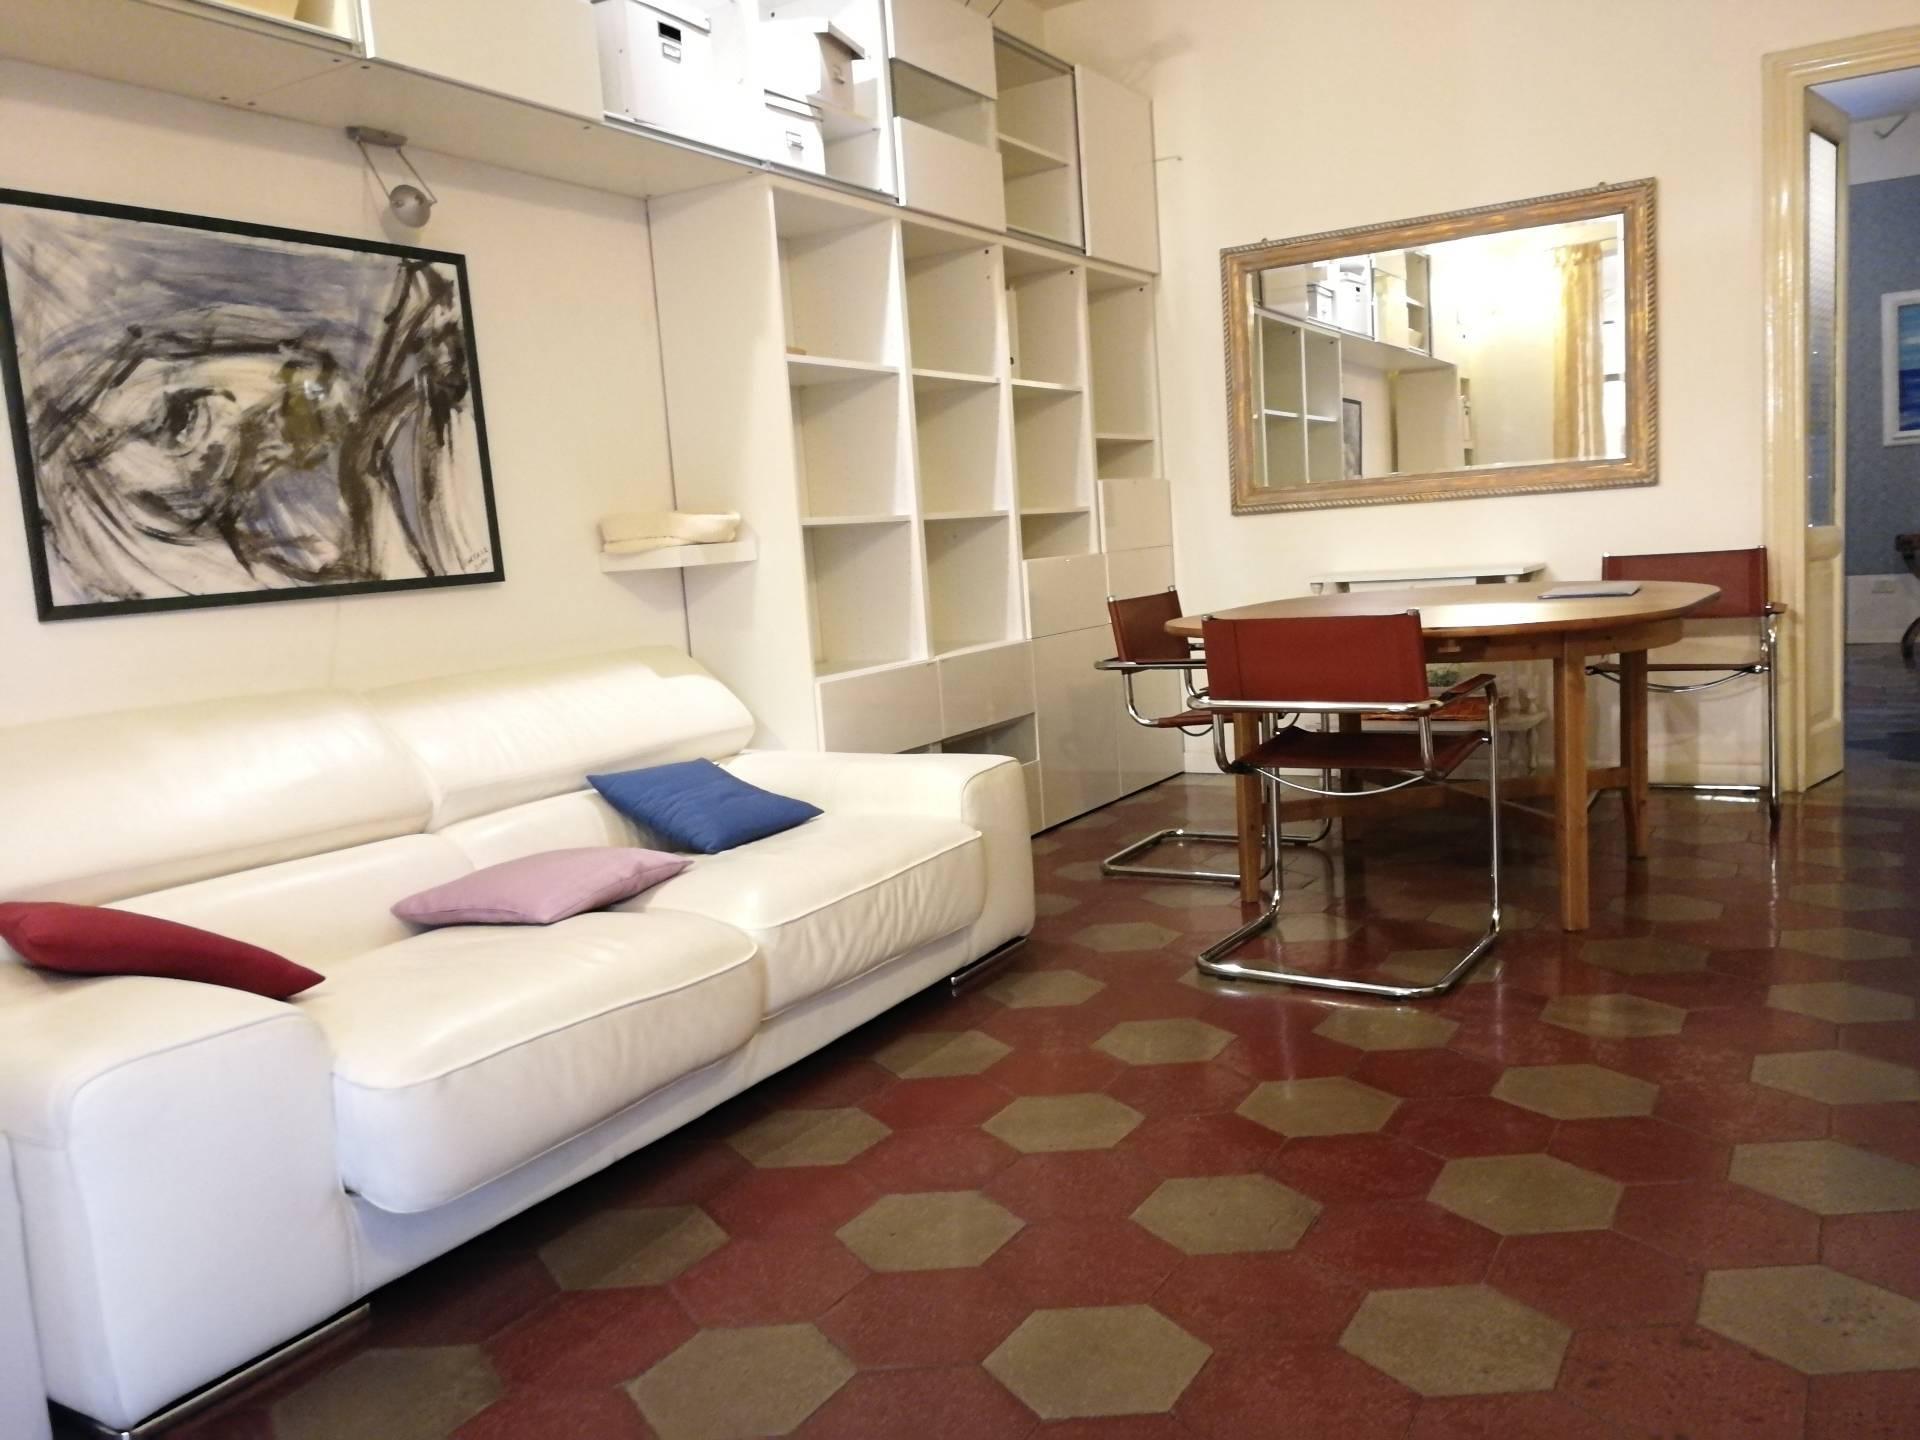 Appartamento in affitto a Novara, 2 locali, zona Zona: Centro, prezzo € 520 | CambioCasa.it